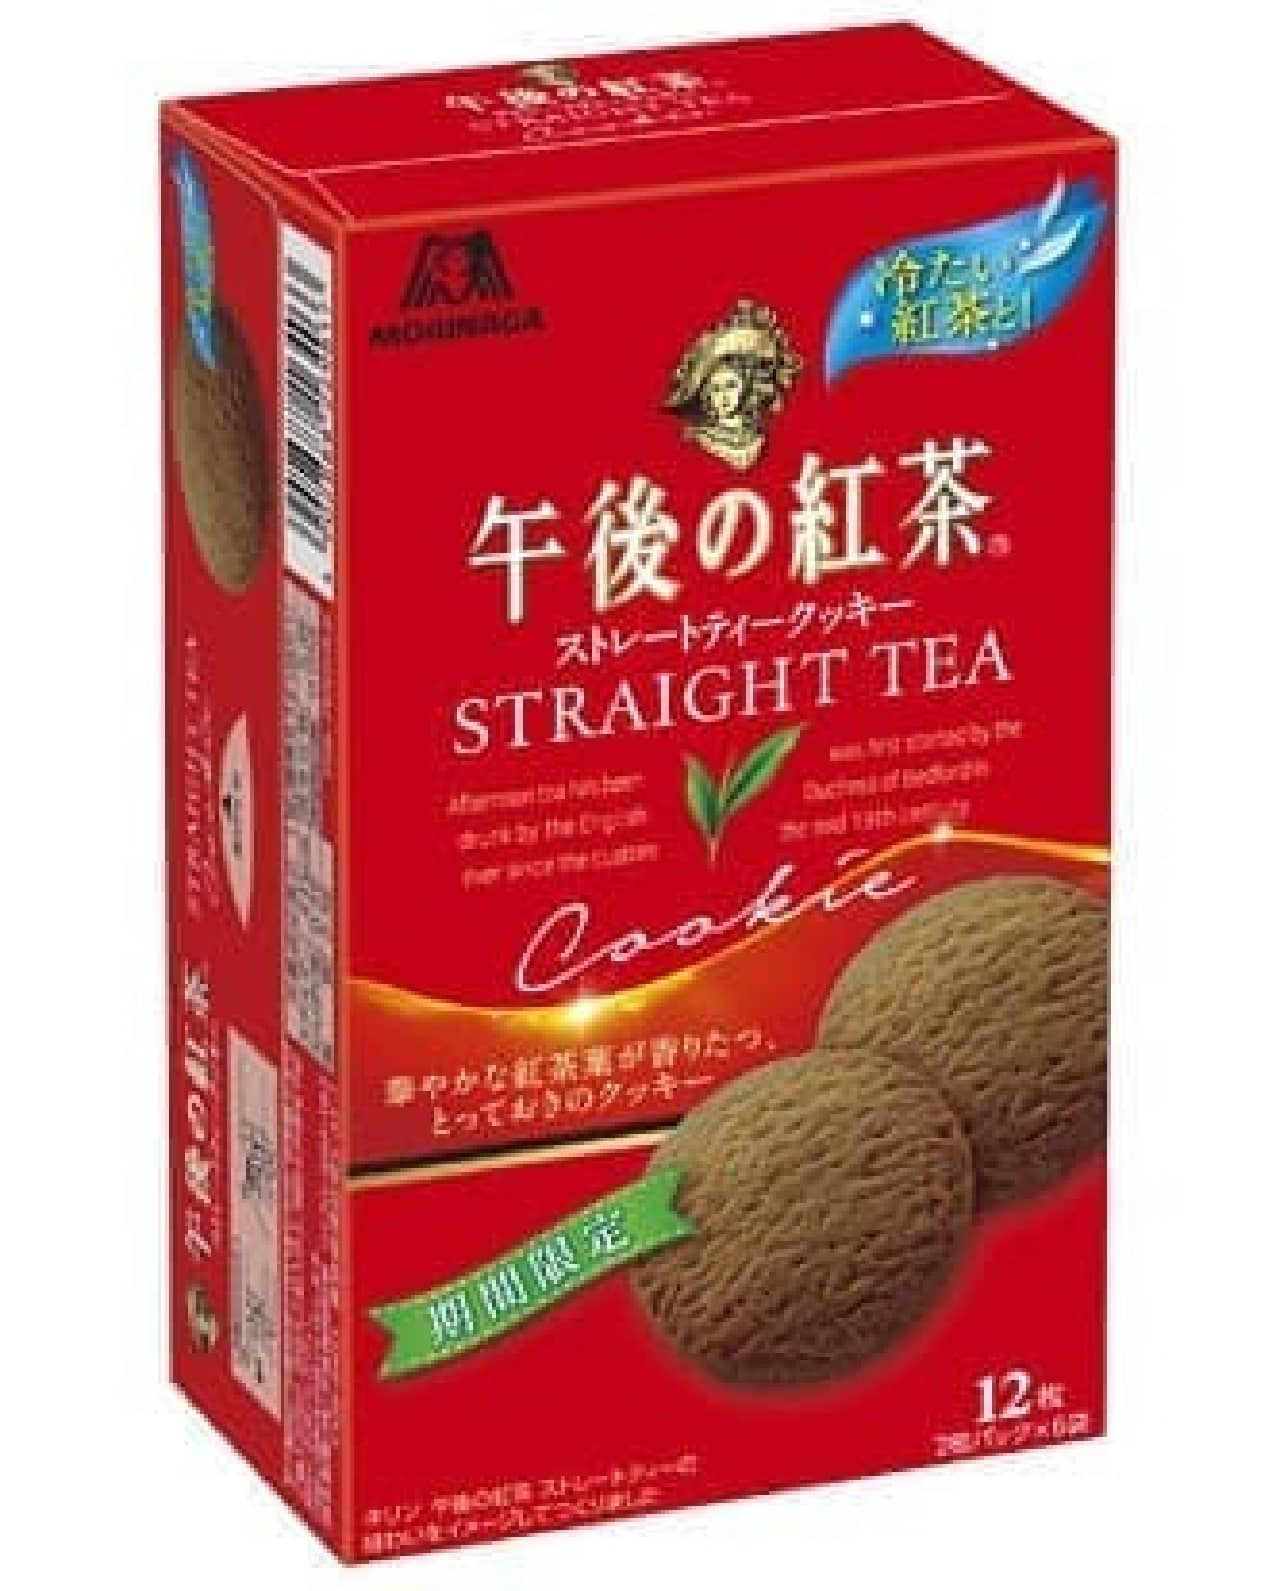 森永製菓「午後の紅茶<ストレートティークッキー>」